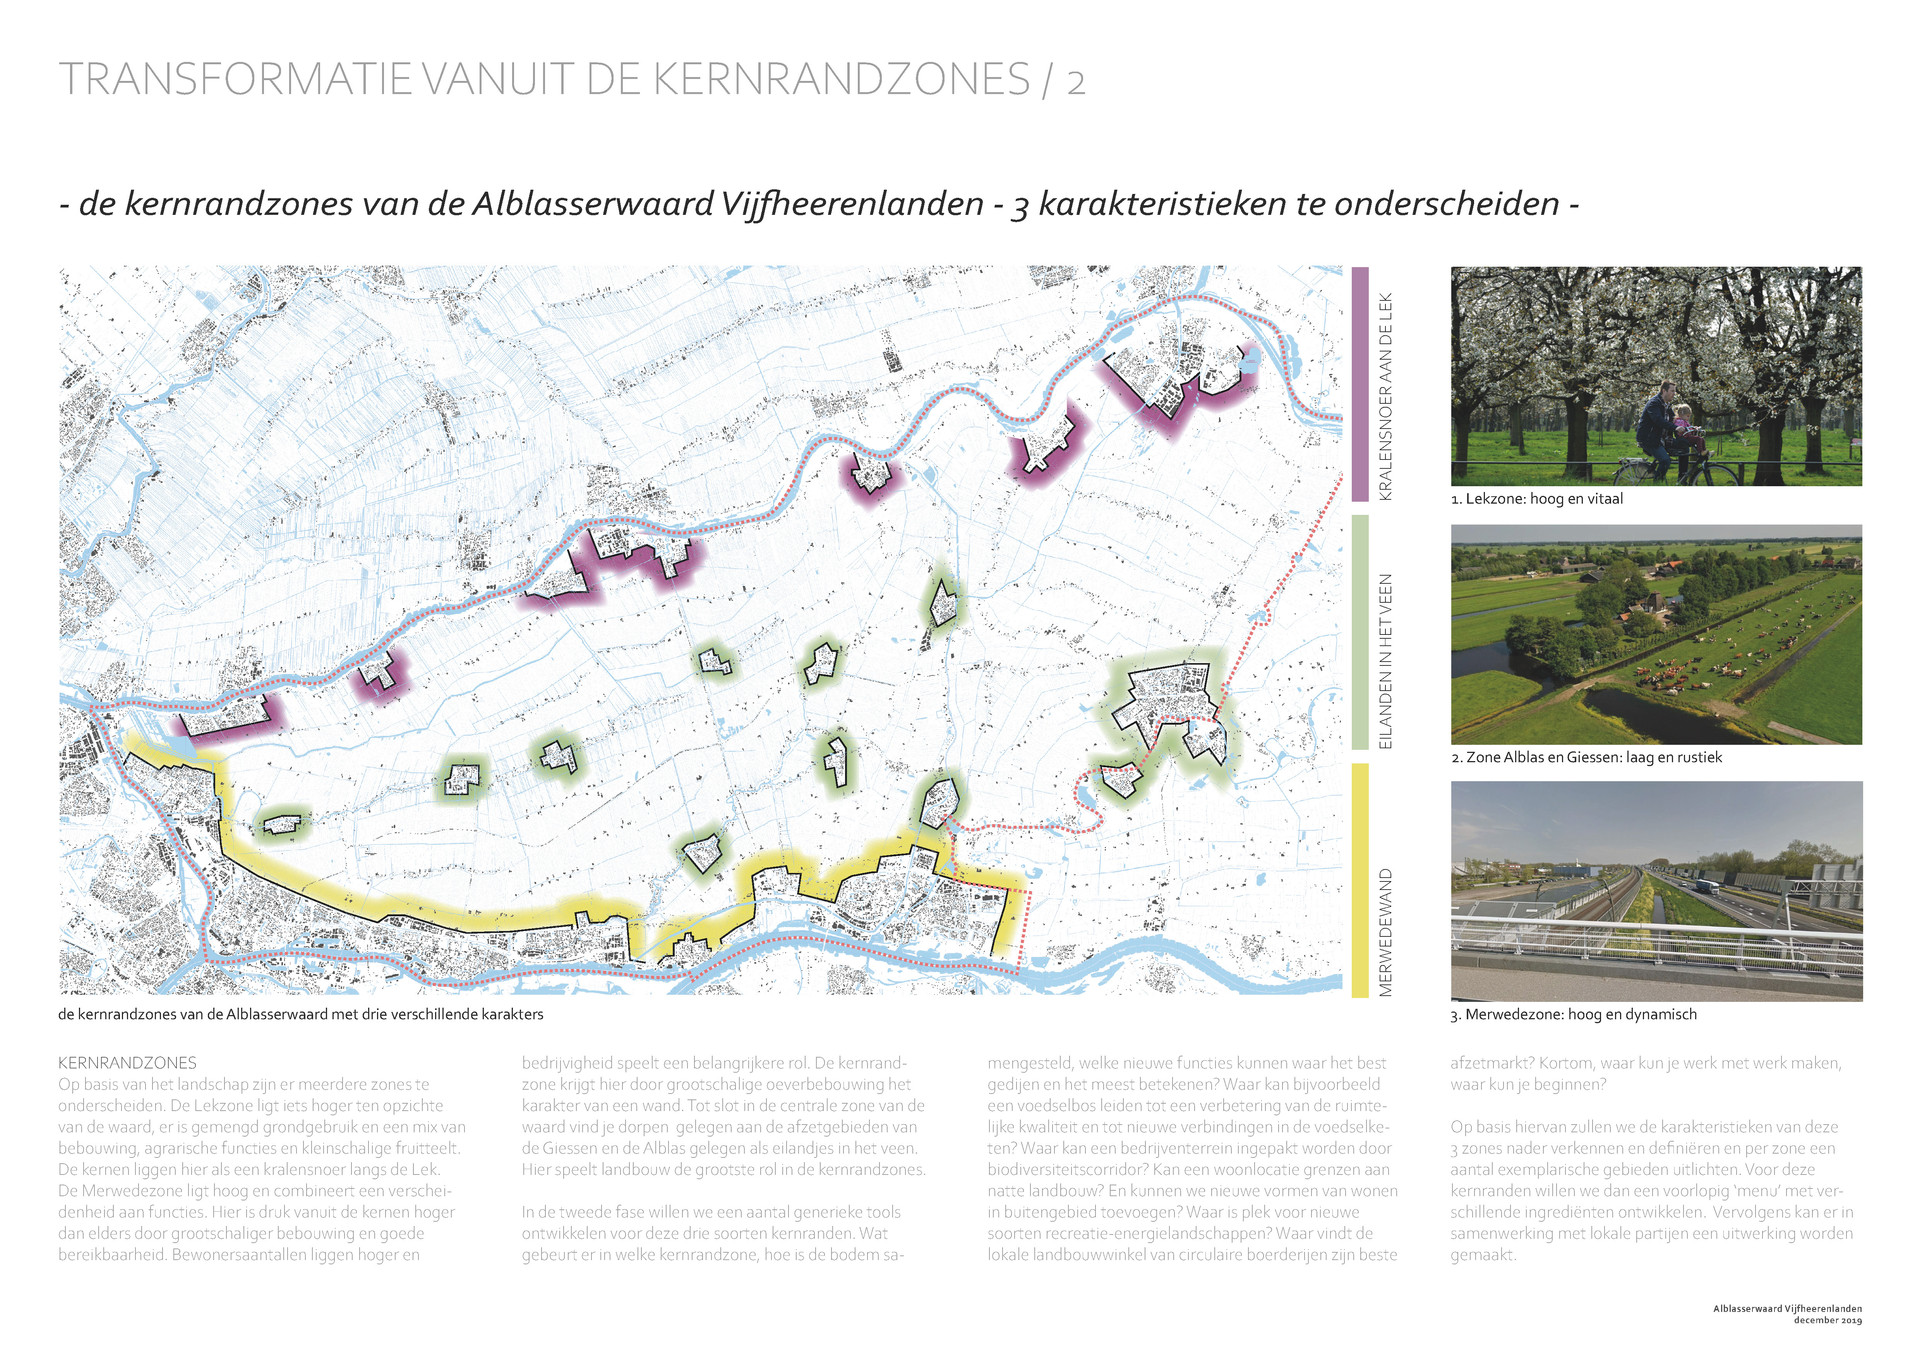 191216-transformatie_vanuit_de_kernrandz